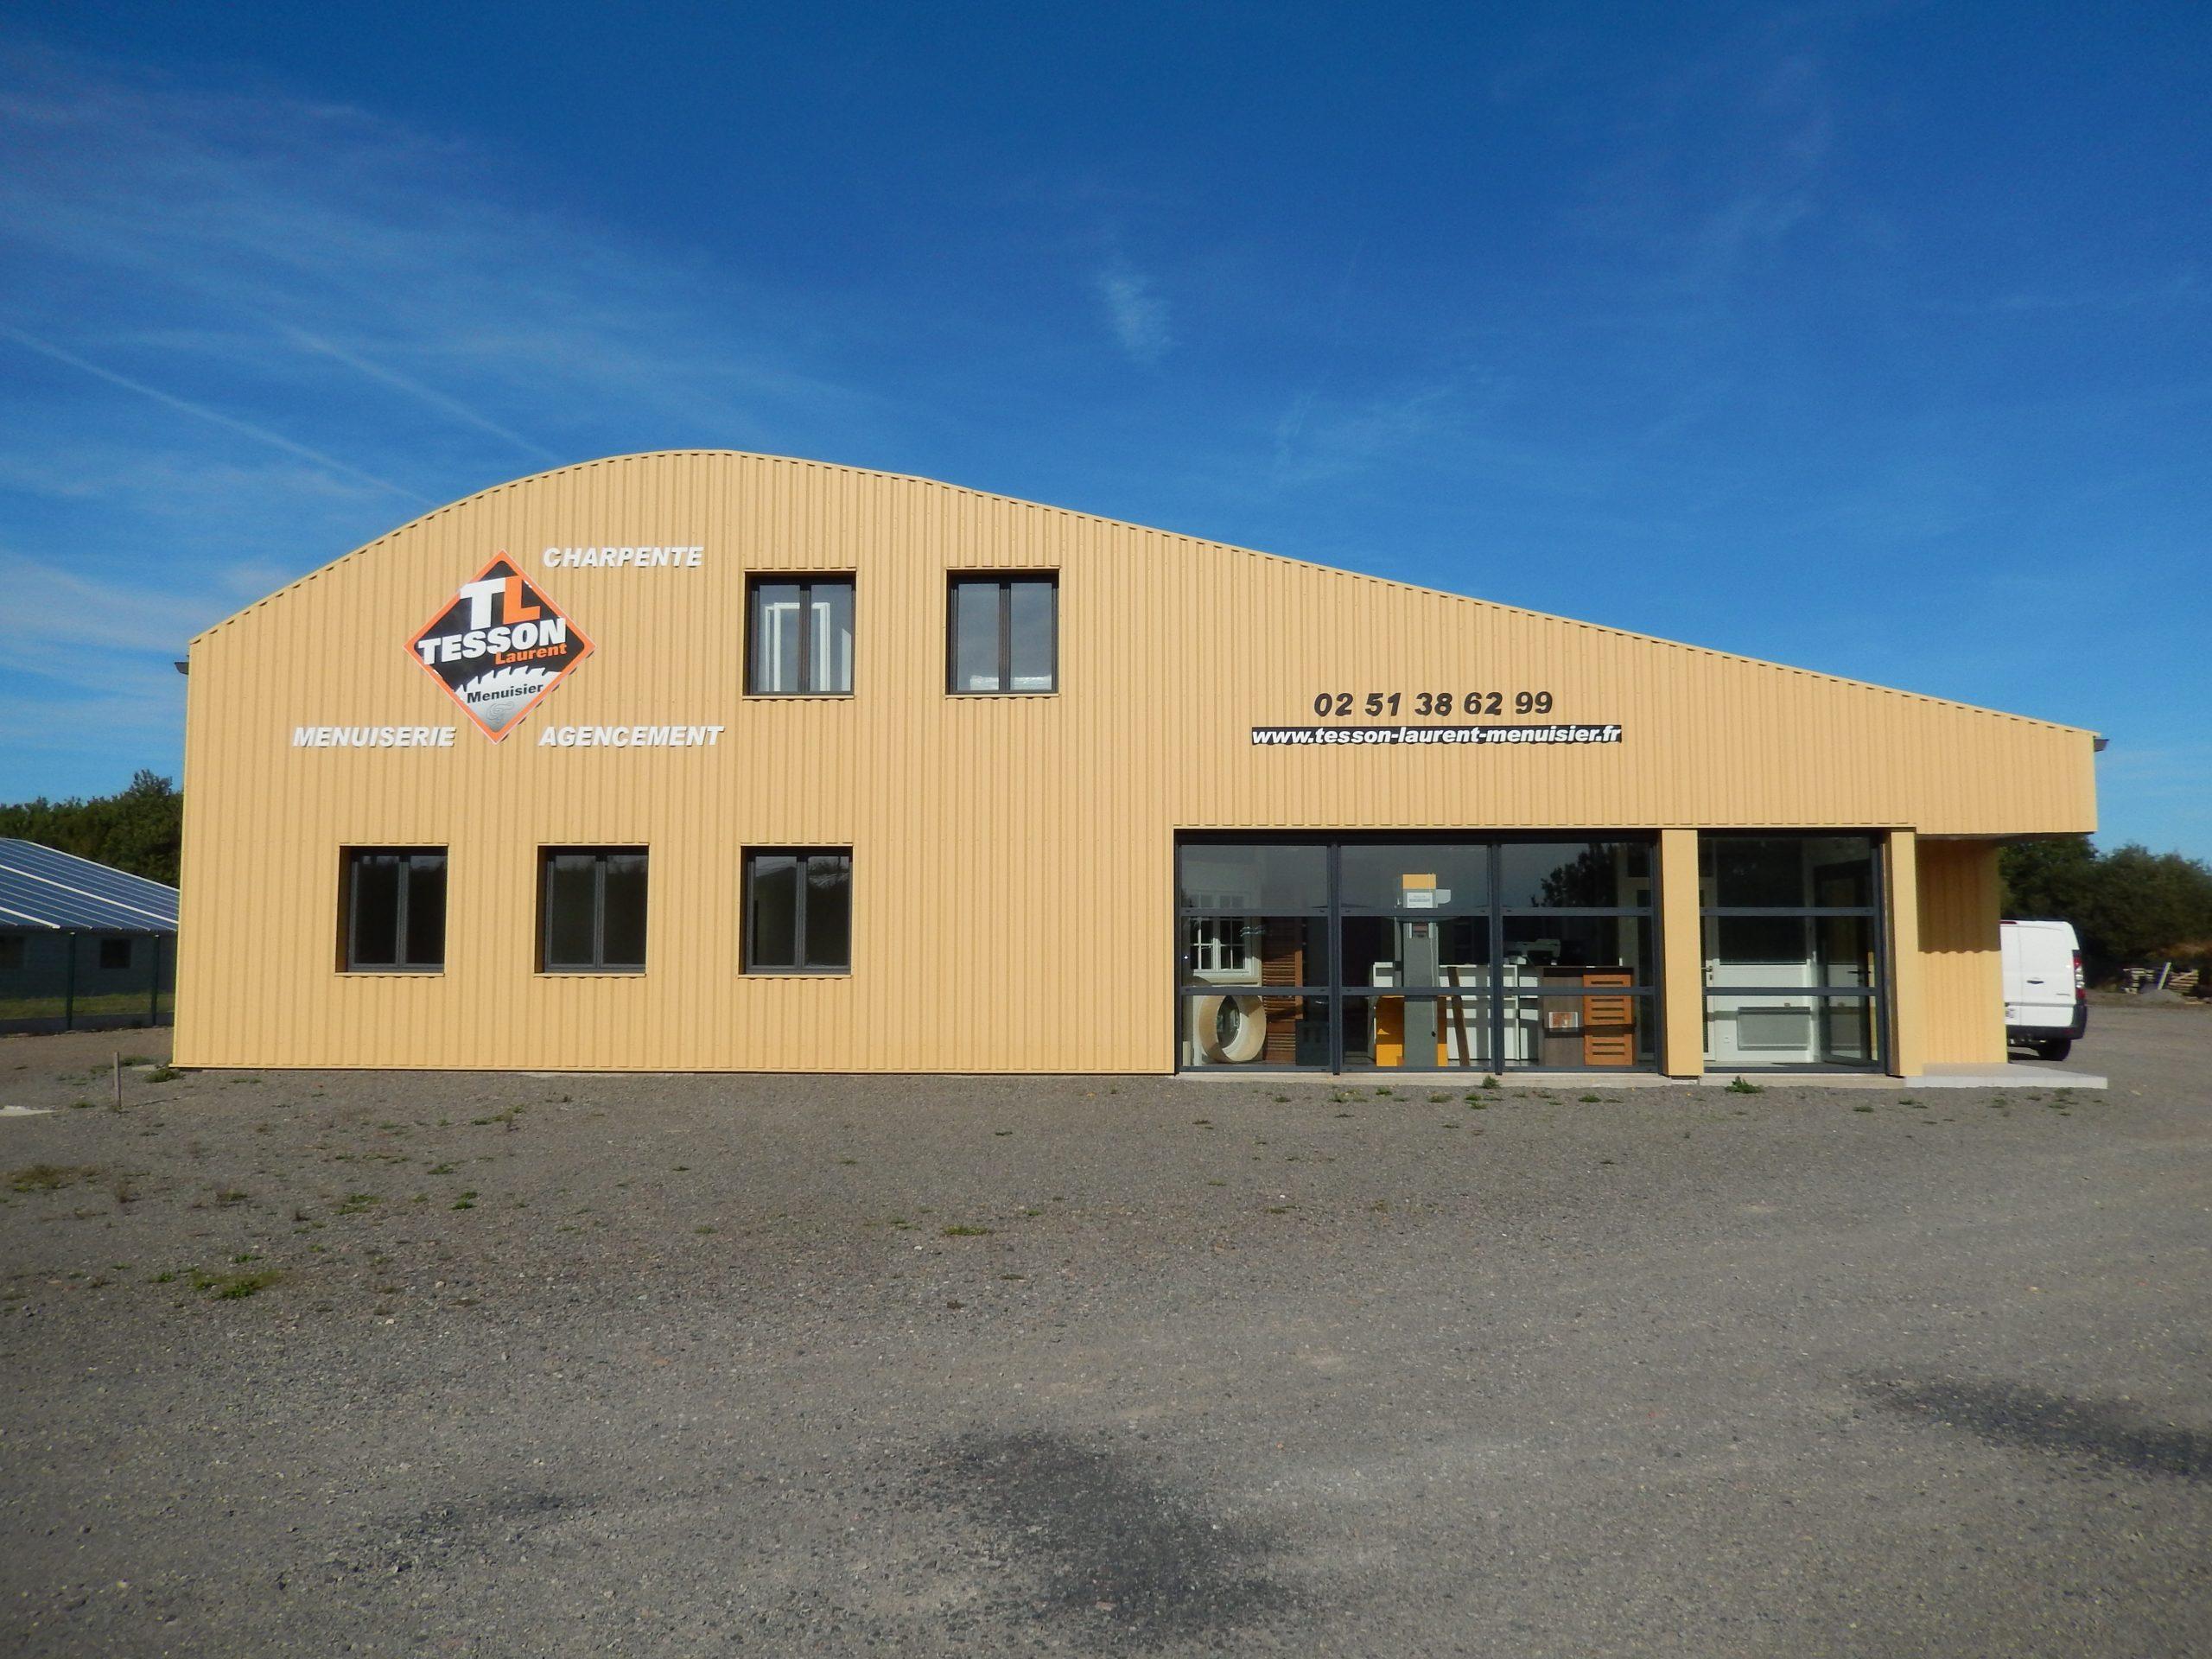 Tesson Laurent, menuisier et charpentier à Saint Julien des Landes en Vendée 85150